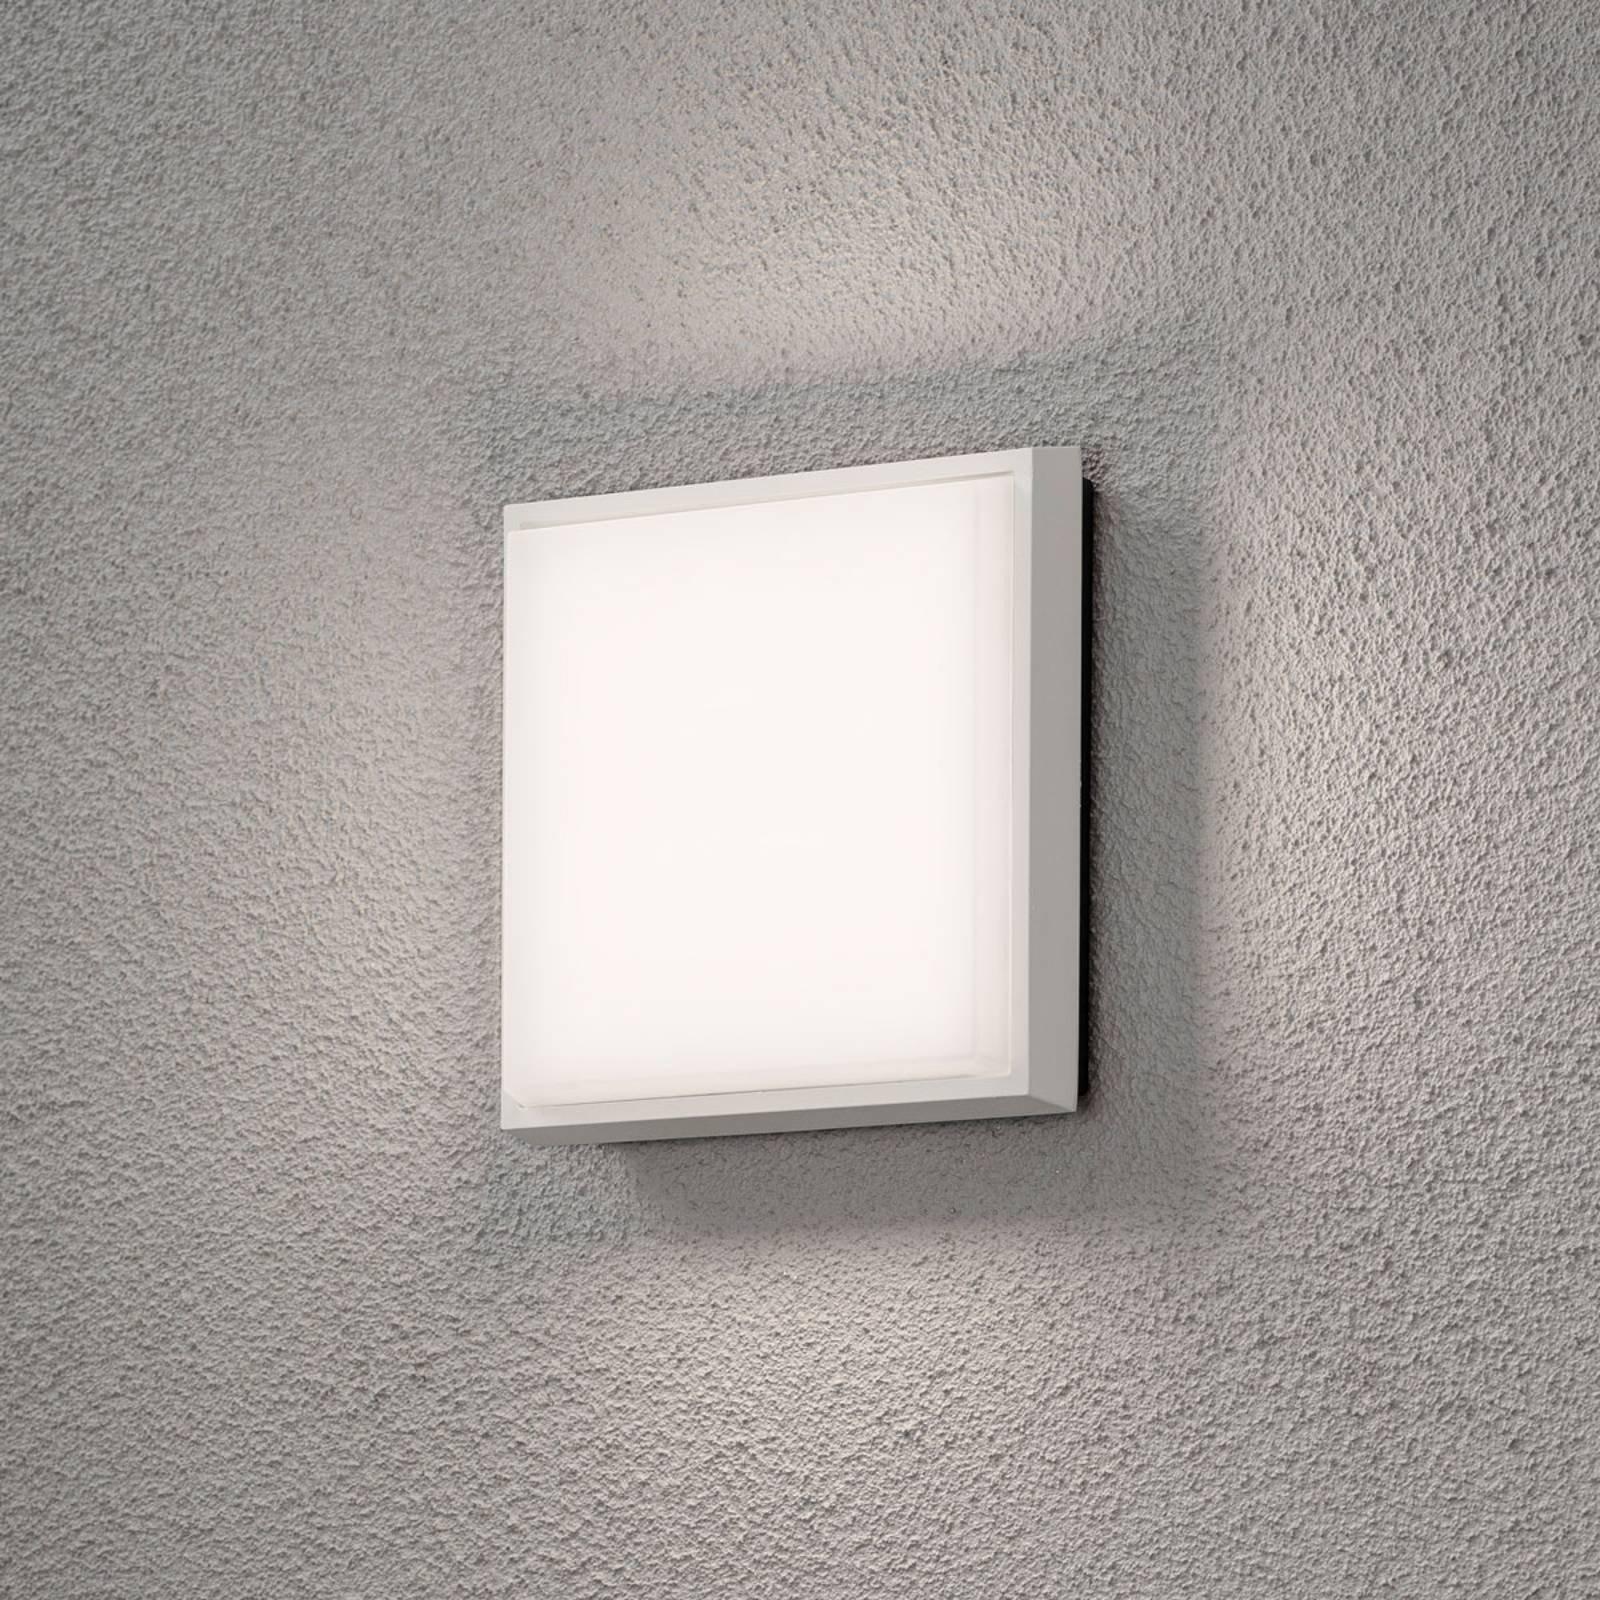 Cesena utendørs LED-vegglampe, kvadratisk